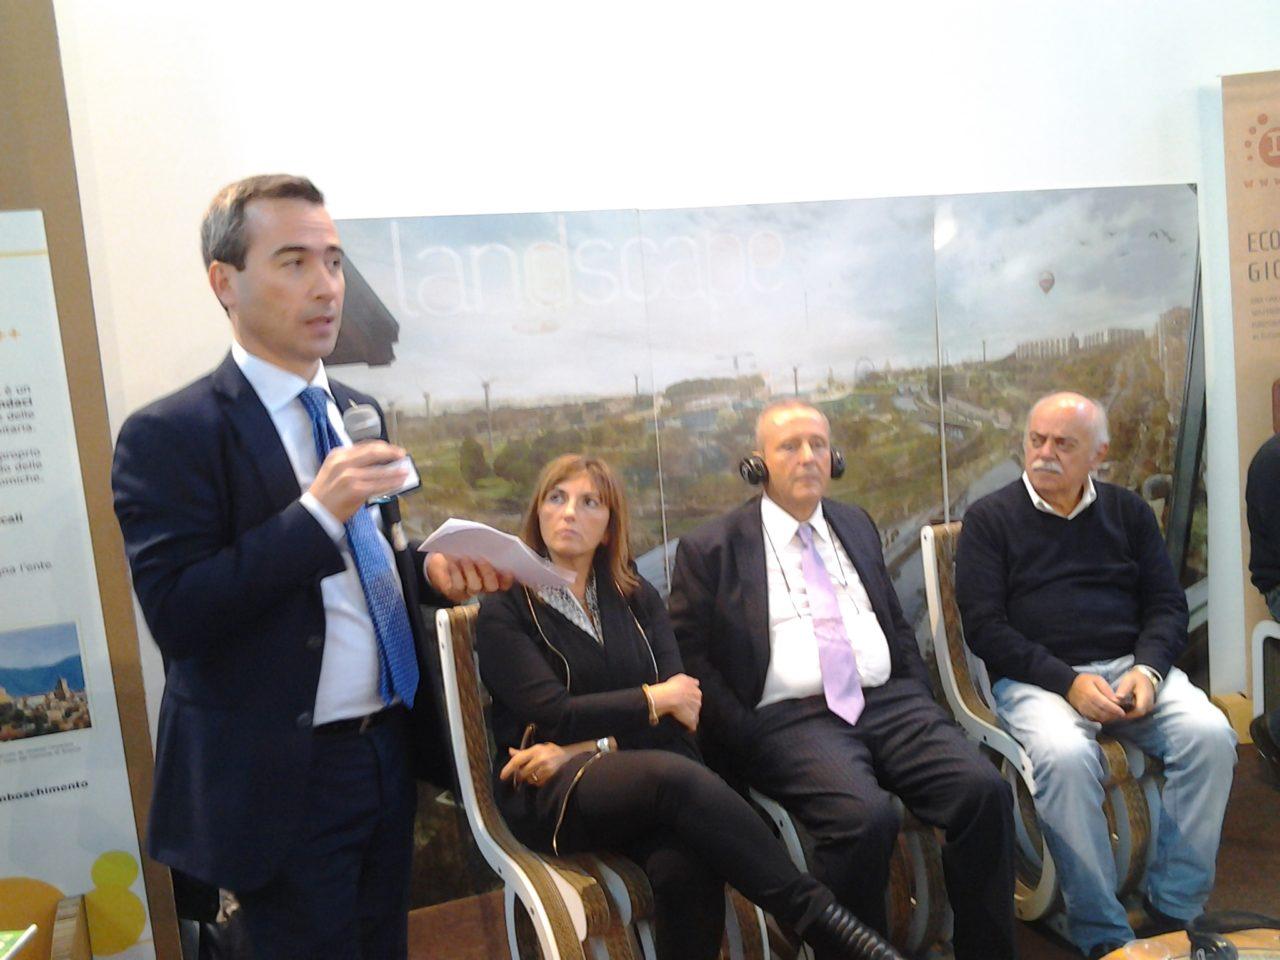 Presentazione Progetto - EcoMondo 2015 con Stefano Ciafani direttore nazionale Legambiente